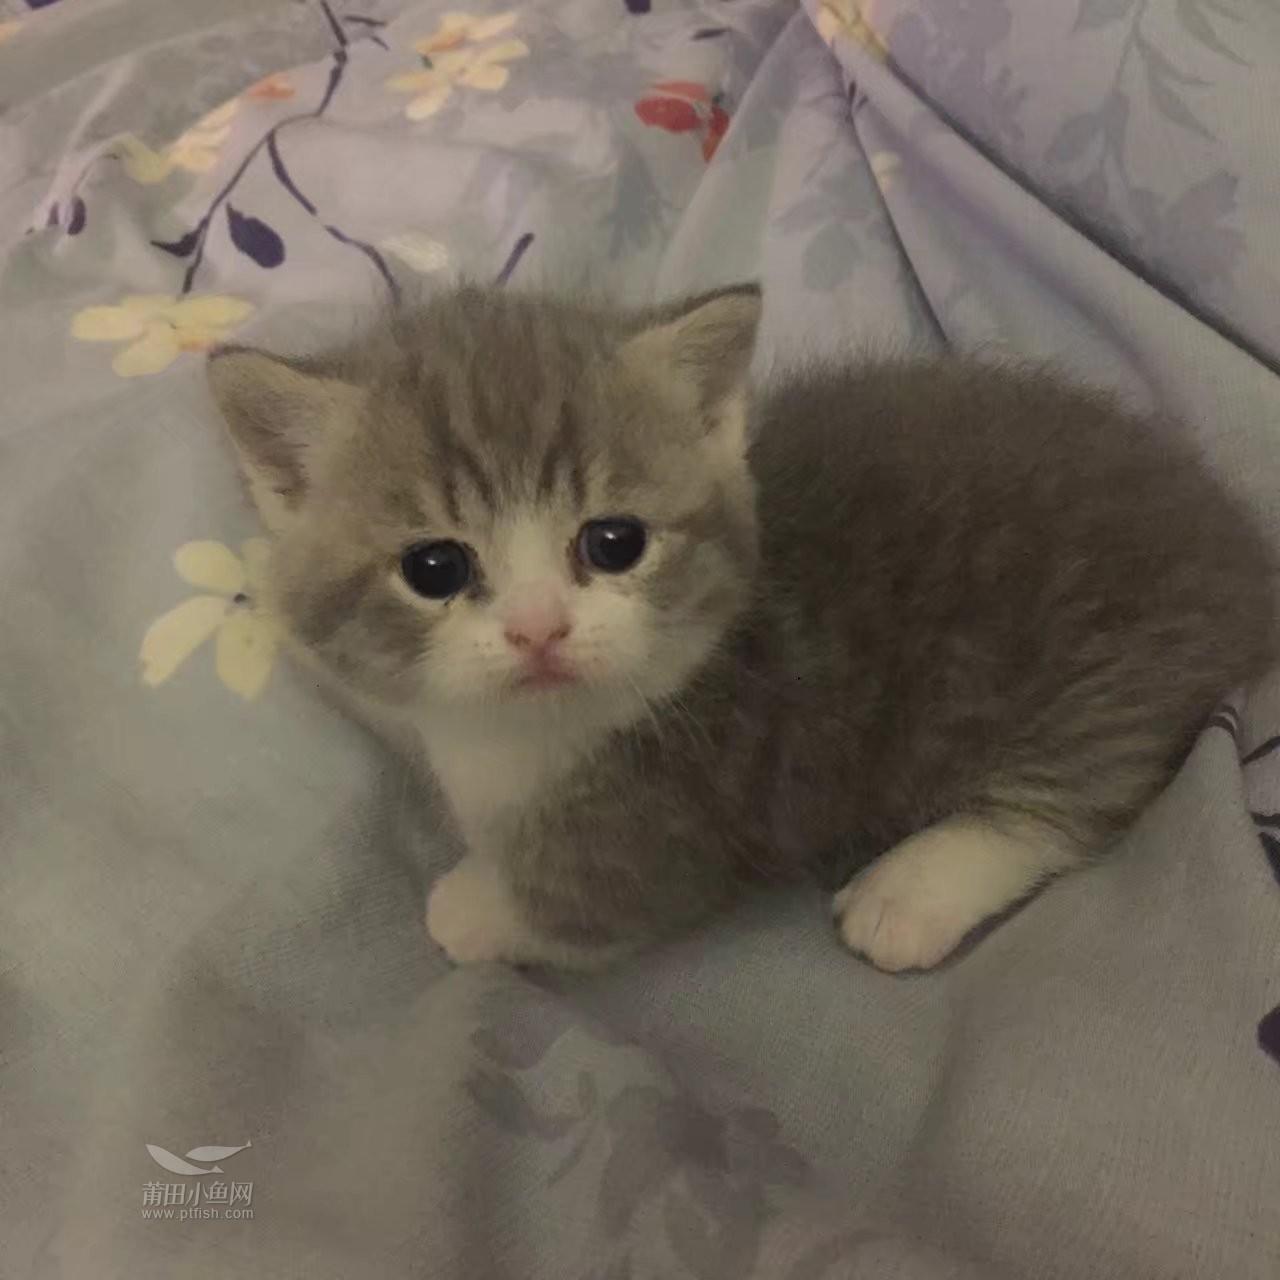 科学饲养环境与饮食   因为专业   所以小猫各个甜美可爱   不易生病